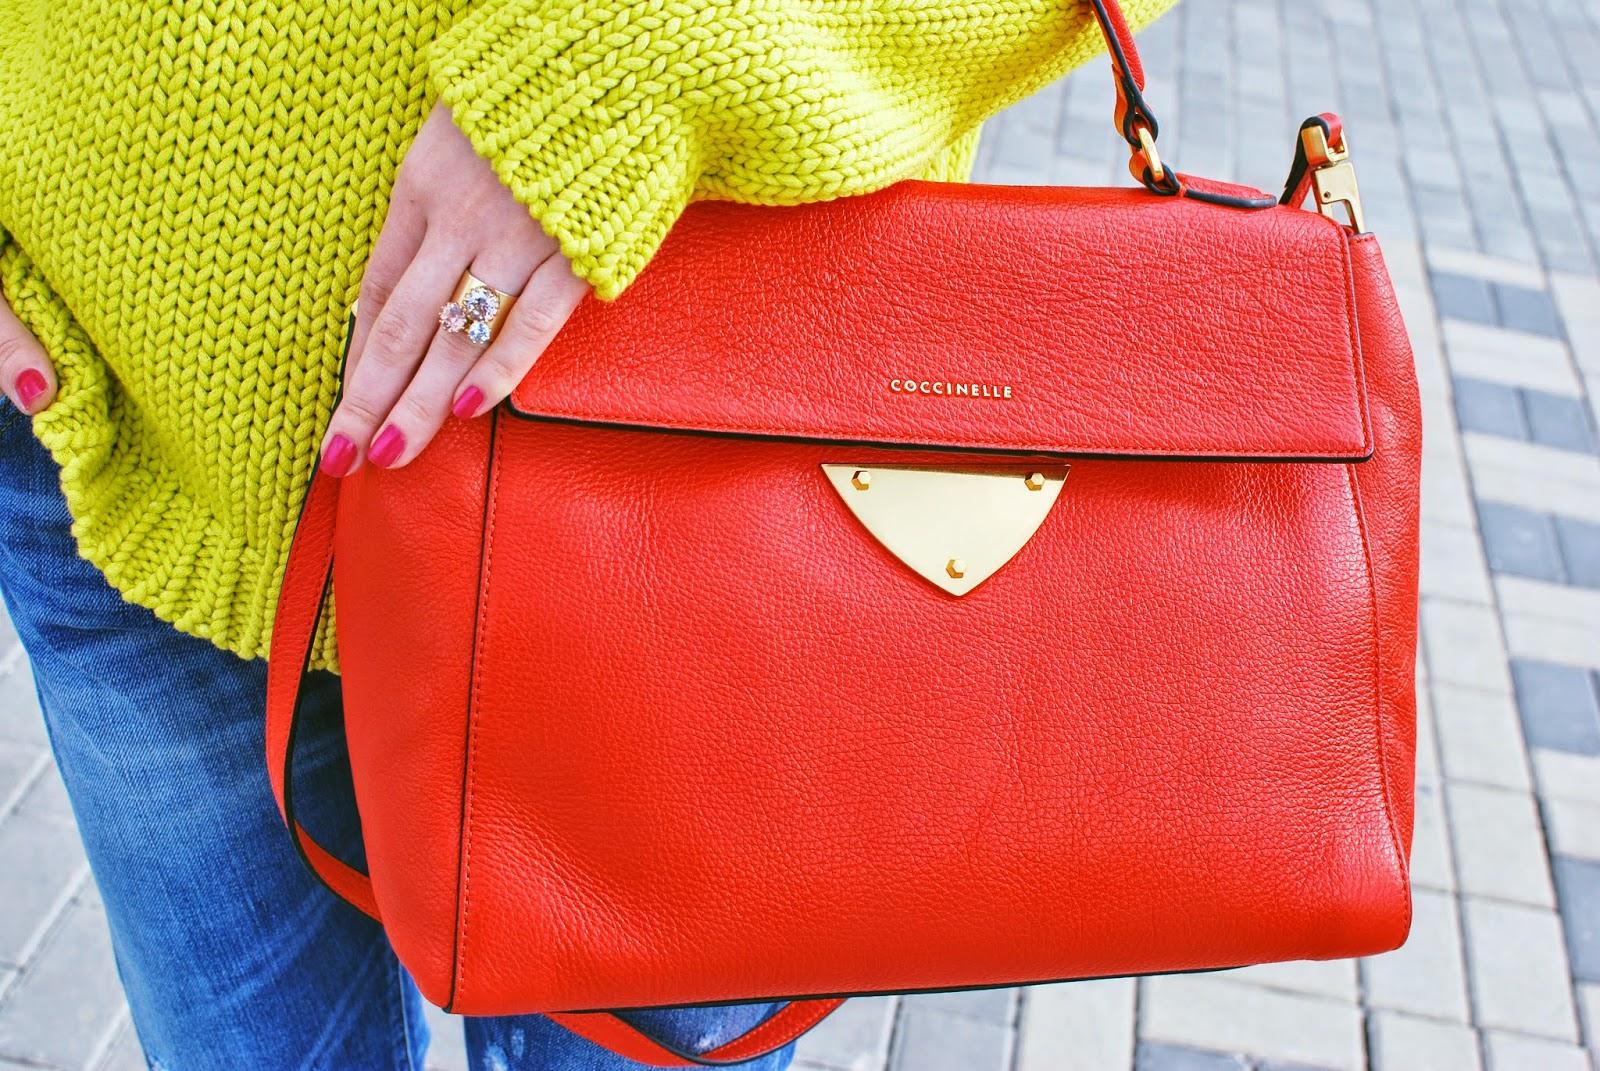 уличная мода, модные сумки, как выглядеть просто и со вкусом, с чем носить рваные джинсы